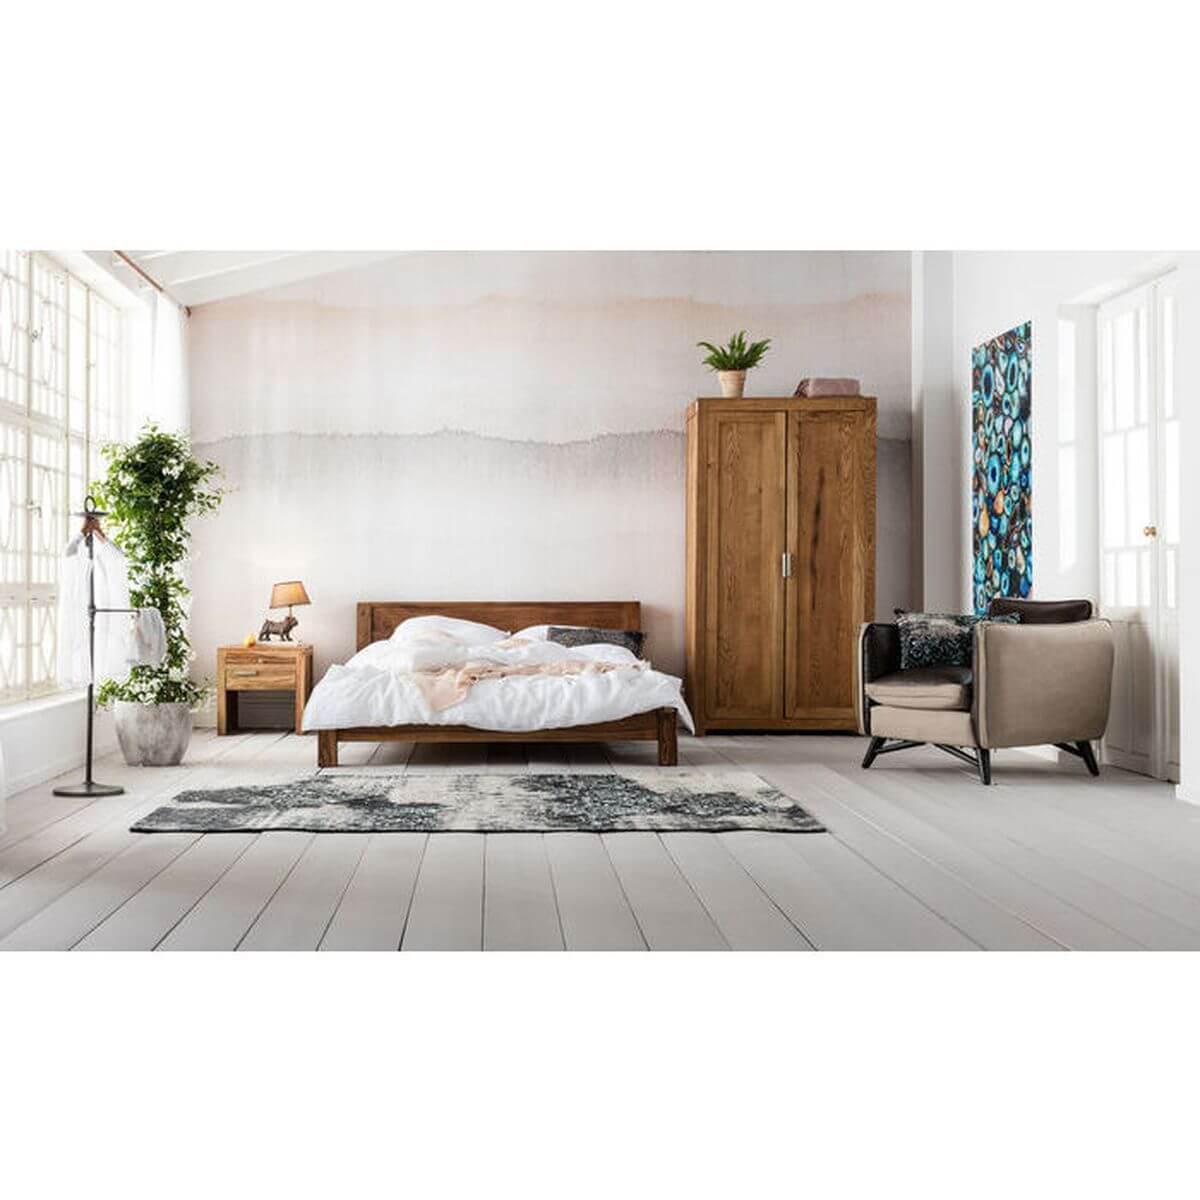 Lit 160x200cm AUTHENTICO Kare Design